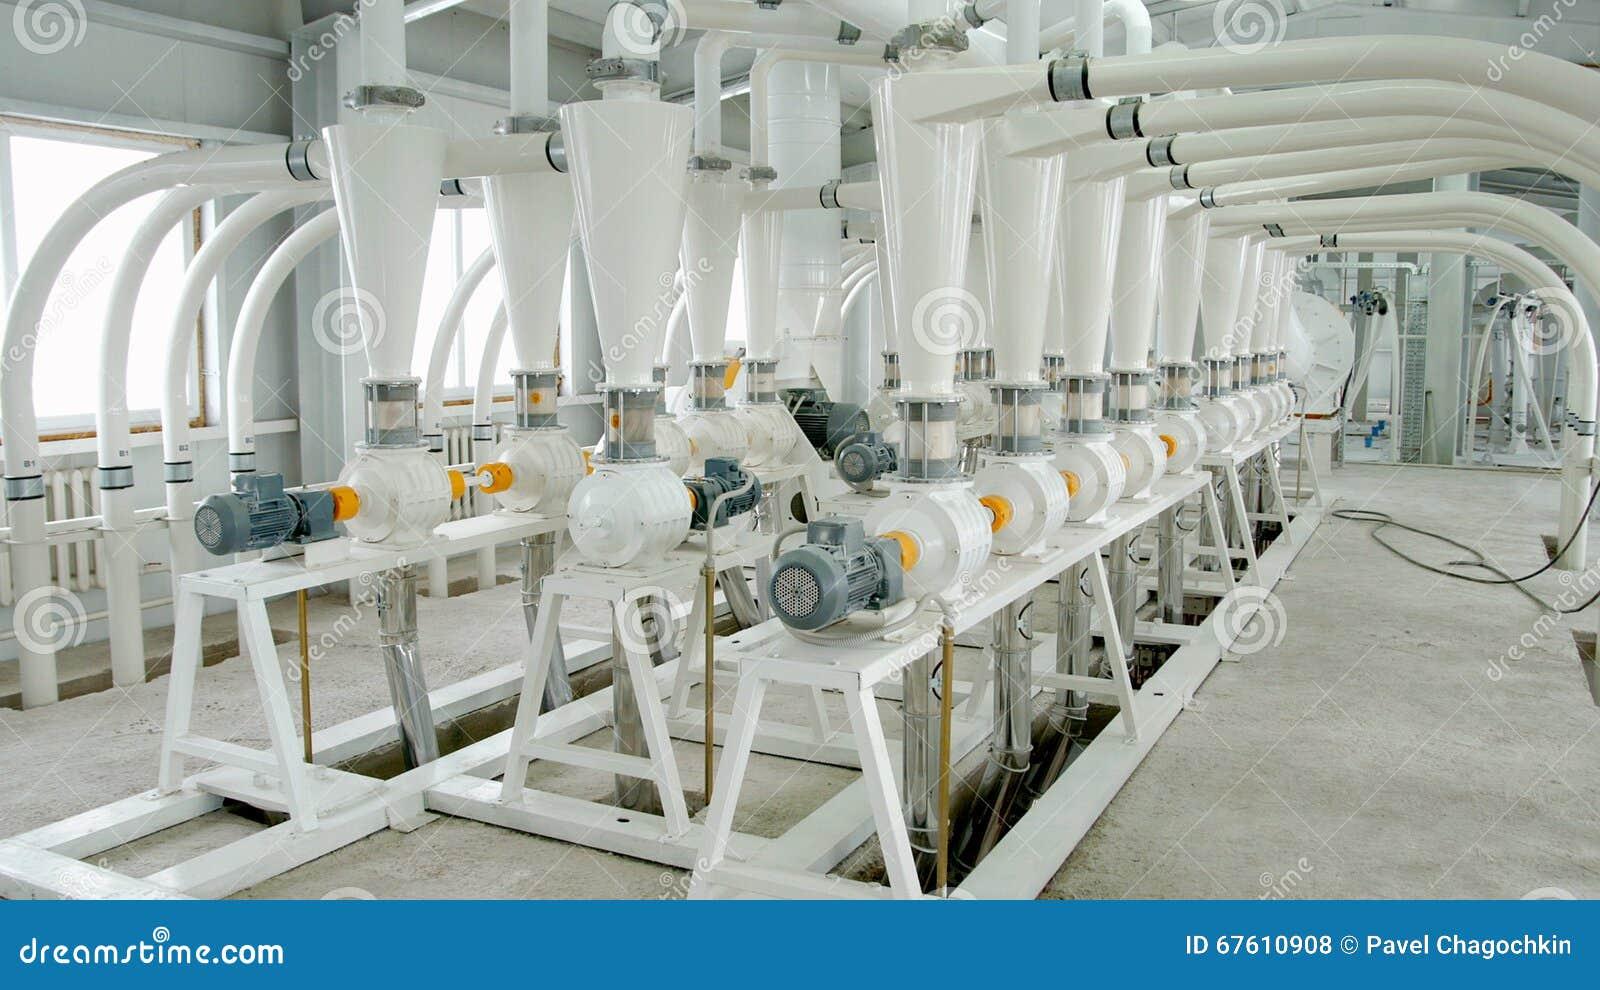 Maquinaria el ctrica del molino para la producci n de - Molino de trigo ...